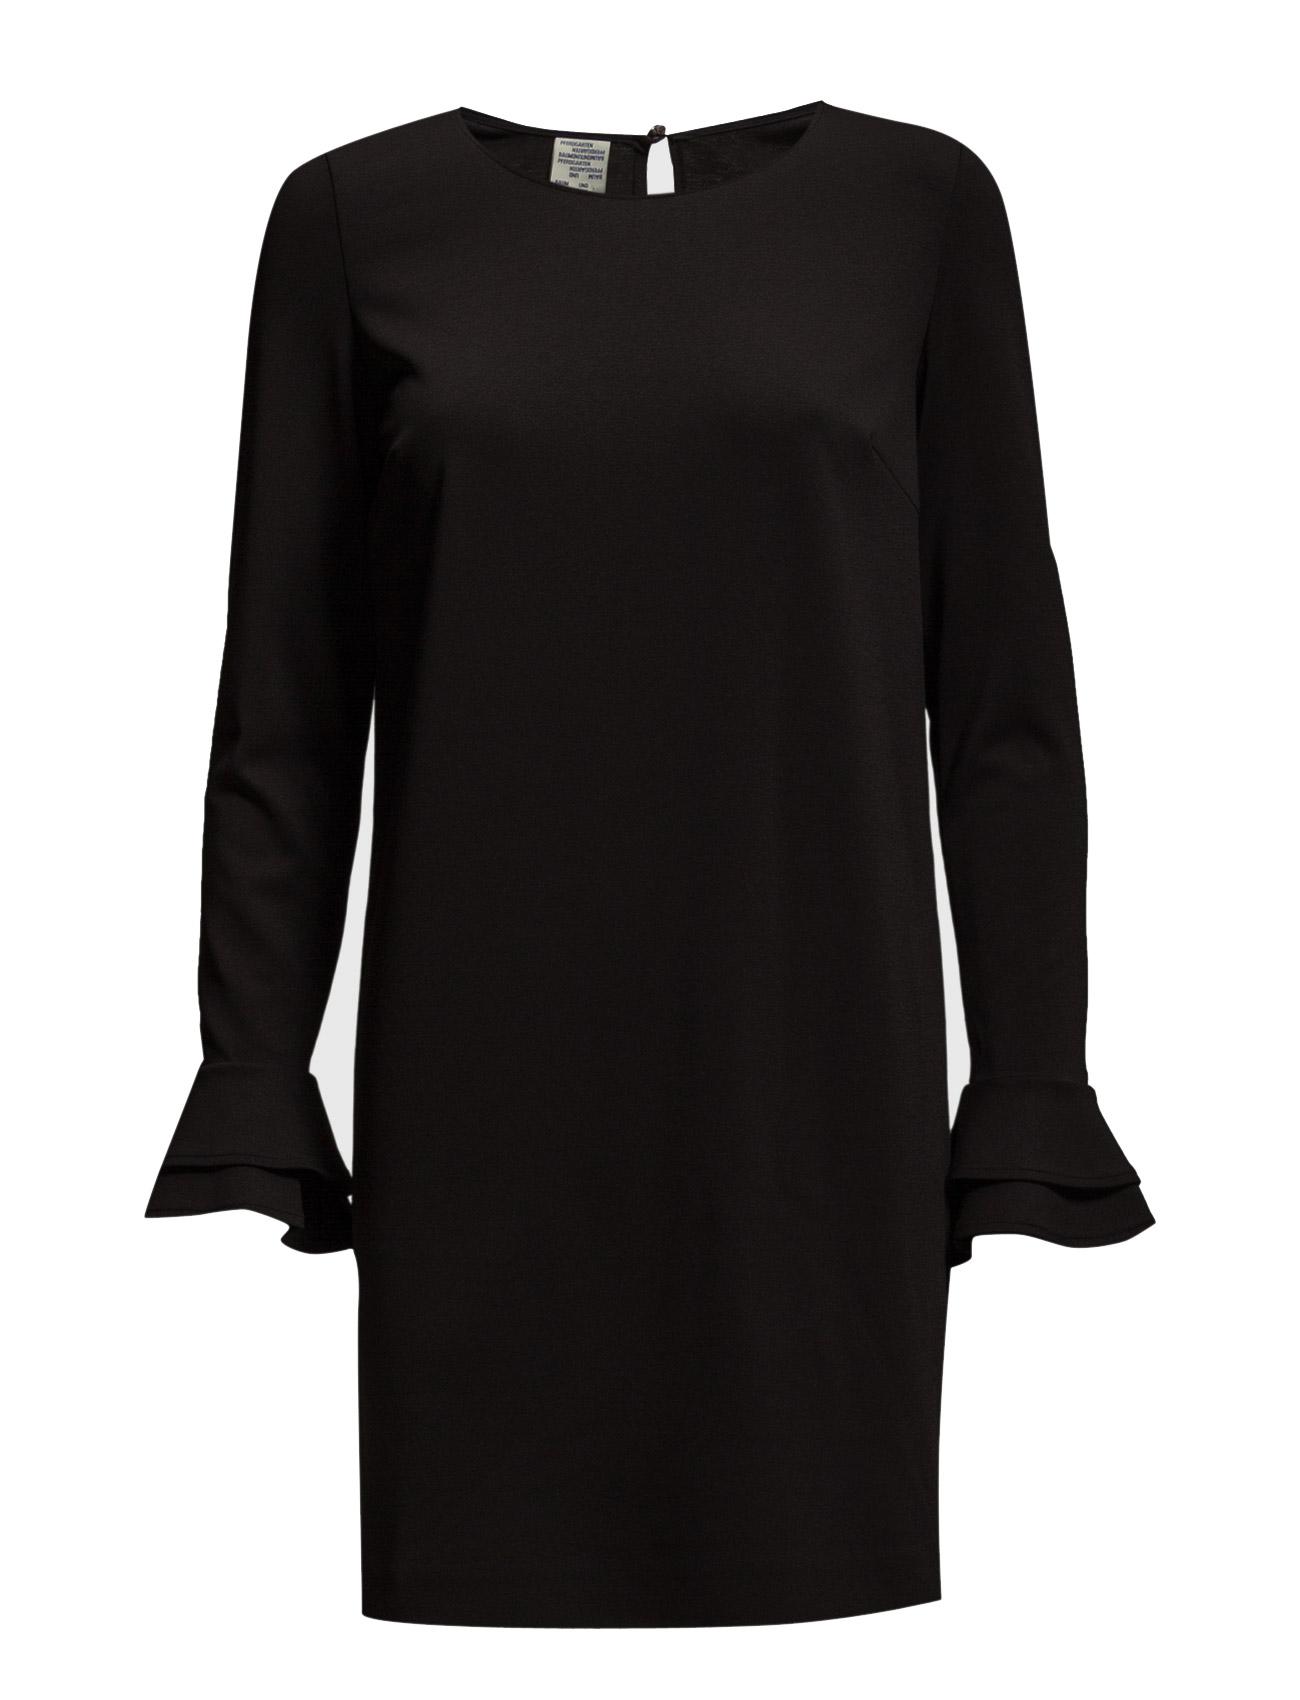 Egeria Baum und Pferdgarten Korte kjoler